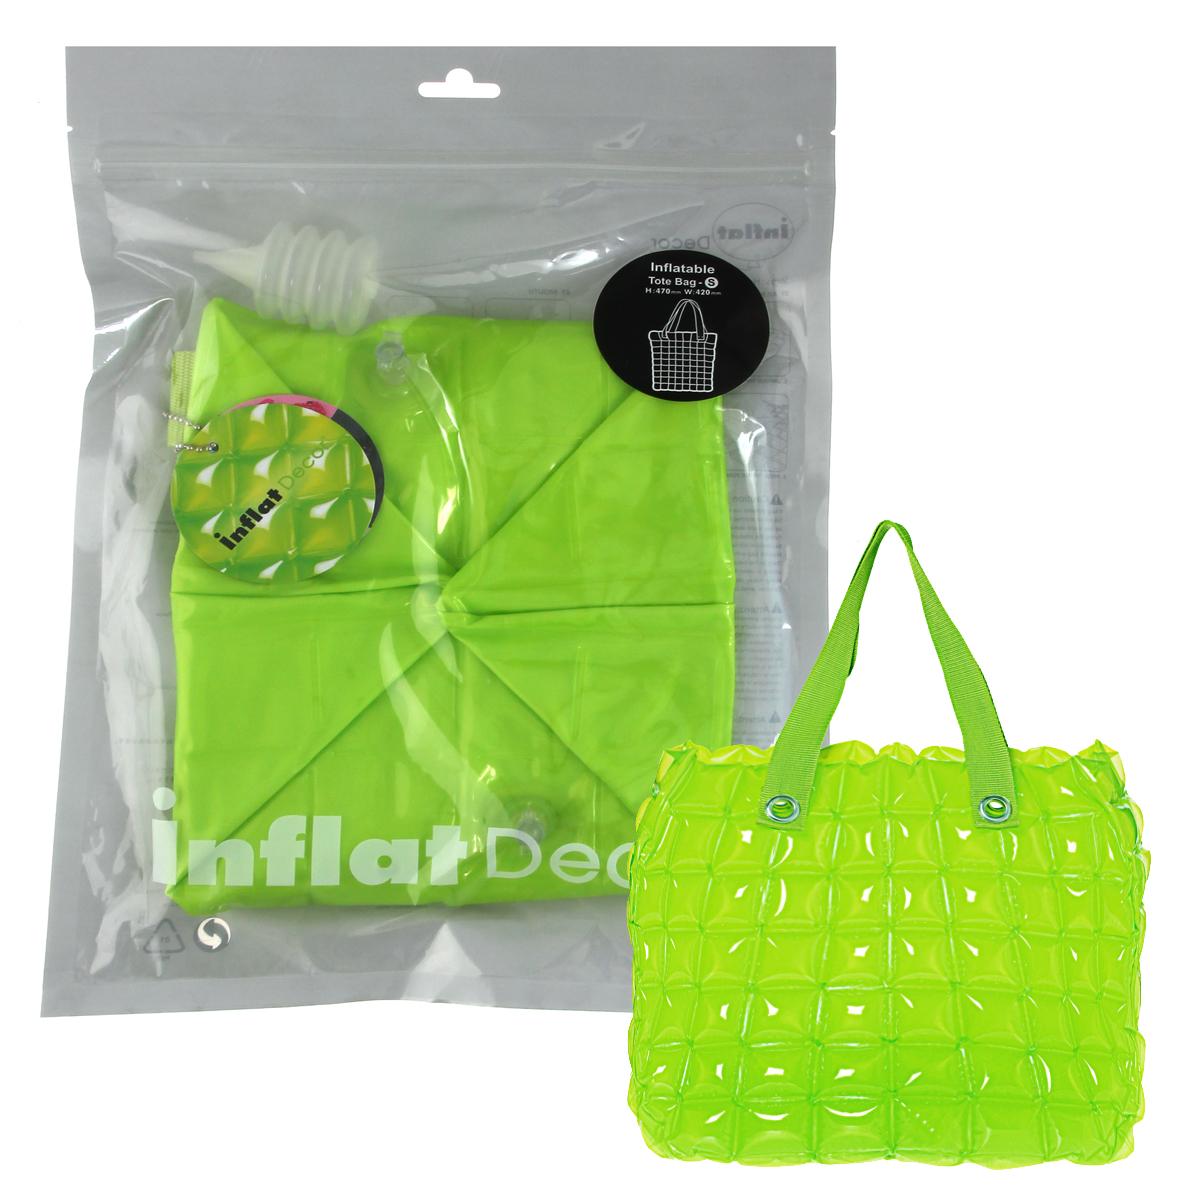 Сумка надувная Inflat Decor, цвет: лайм. 00791904508Яркая надувная сумка - великолепный аксессуар на лето! Сумка прямоугольной формы выполнена из ПВХ и снабжена ручками из полиэстера. Сумка легко надувается при помощи мини-насоса (входит в комплект) или рта. В сдутом виде сумка очень компактна и не займет много места. Надувная вместительная сумка - отличное решение для отдыха на пляже. Характеристики: Материал: ПВХ, полиэстер.Размер сумки: 33 см х 35,6 см х 14 см.